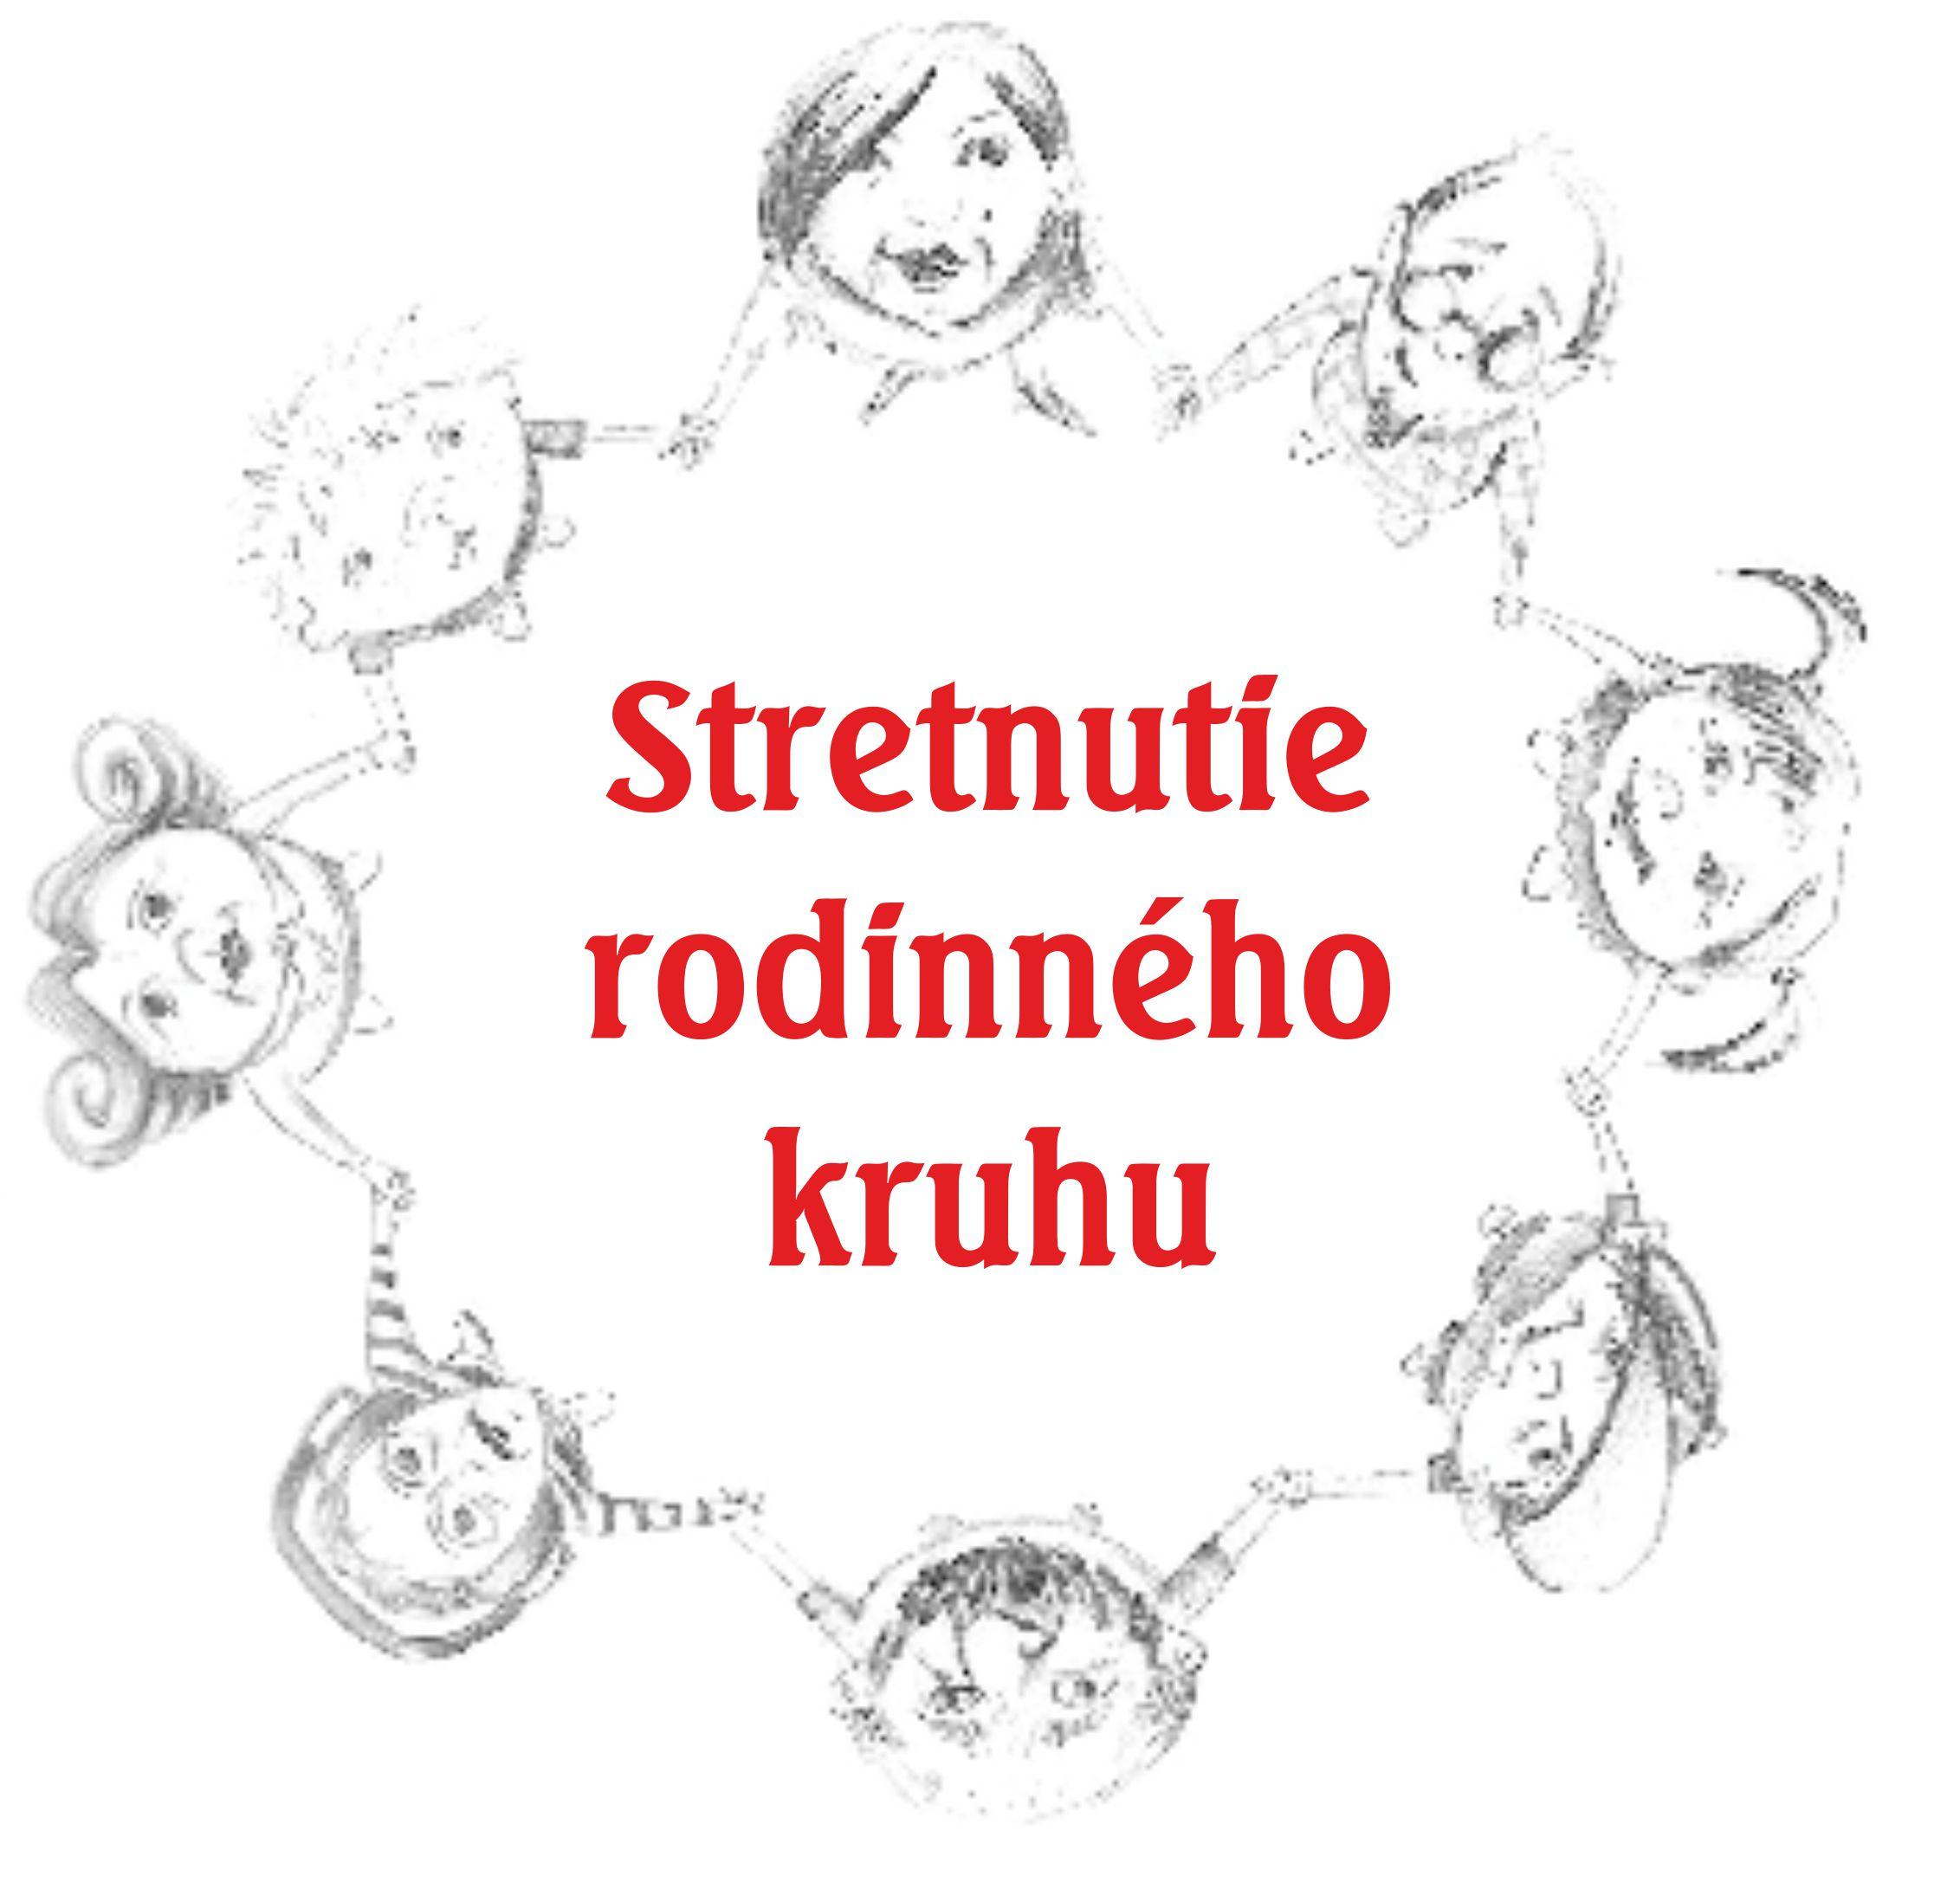 Hľadáme spolupracovníkov – koordinátorov  Stretnutí rodinného kruhu (SRK)